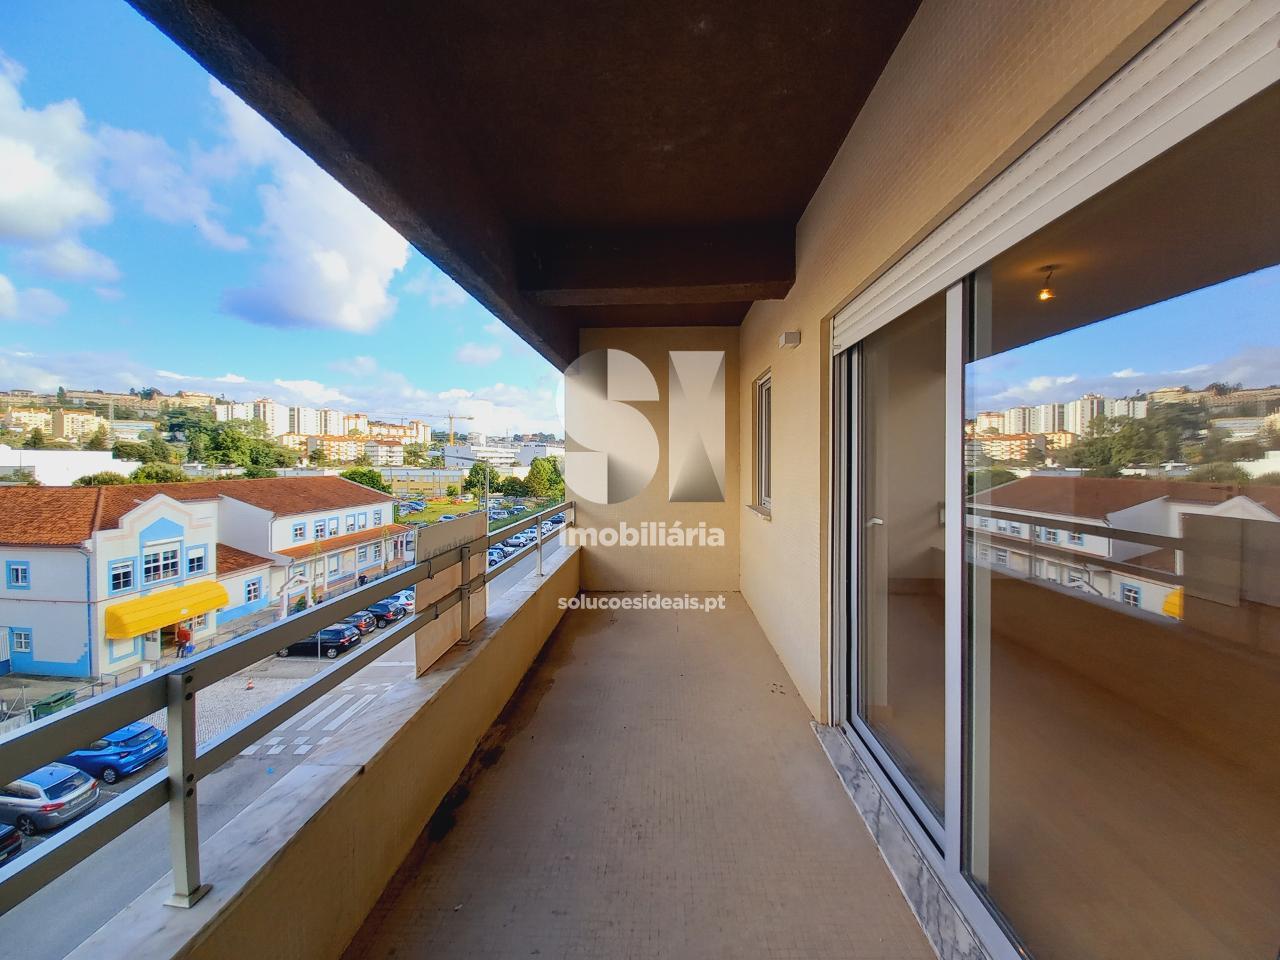 apartamento t3 para compra em coimbra santo antonio dos olivais casa branca CELJD2653